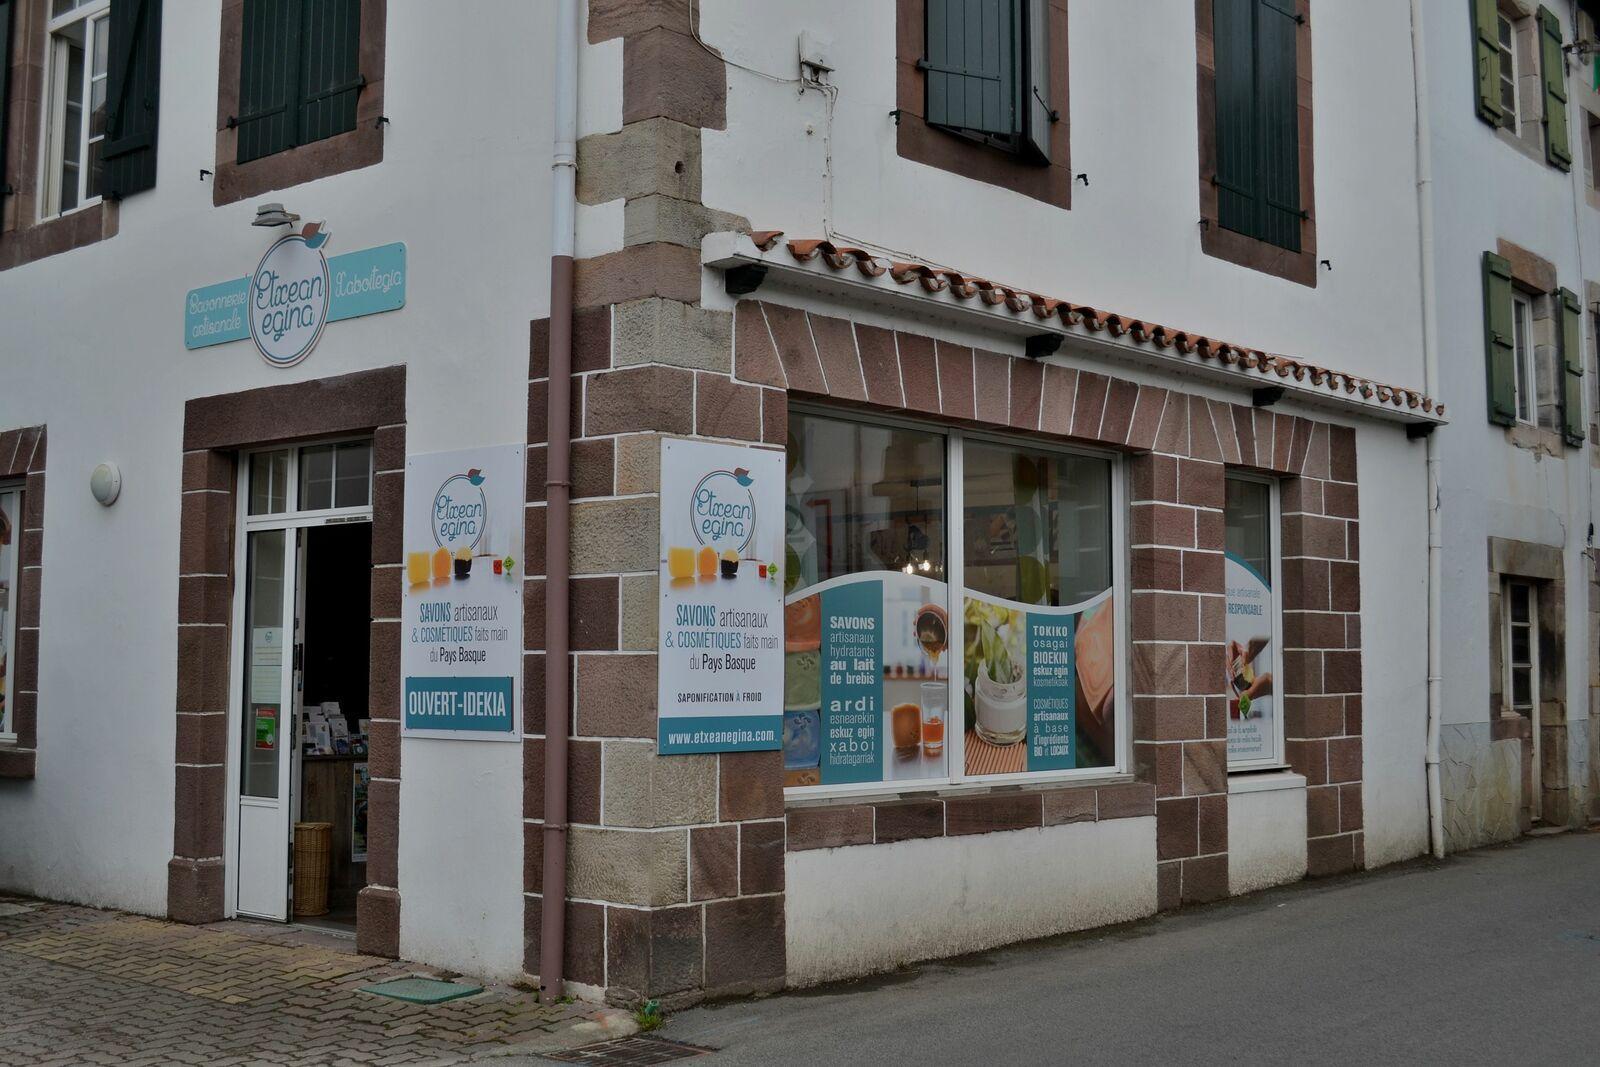 La boutique Etxean Egina à Saint-Etienne-de-Baïgorry...